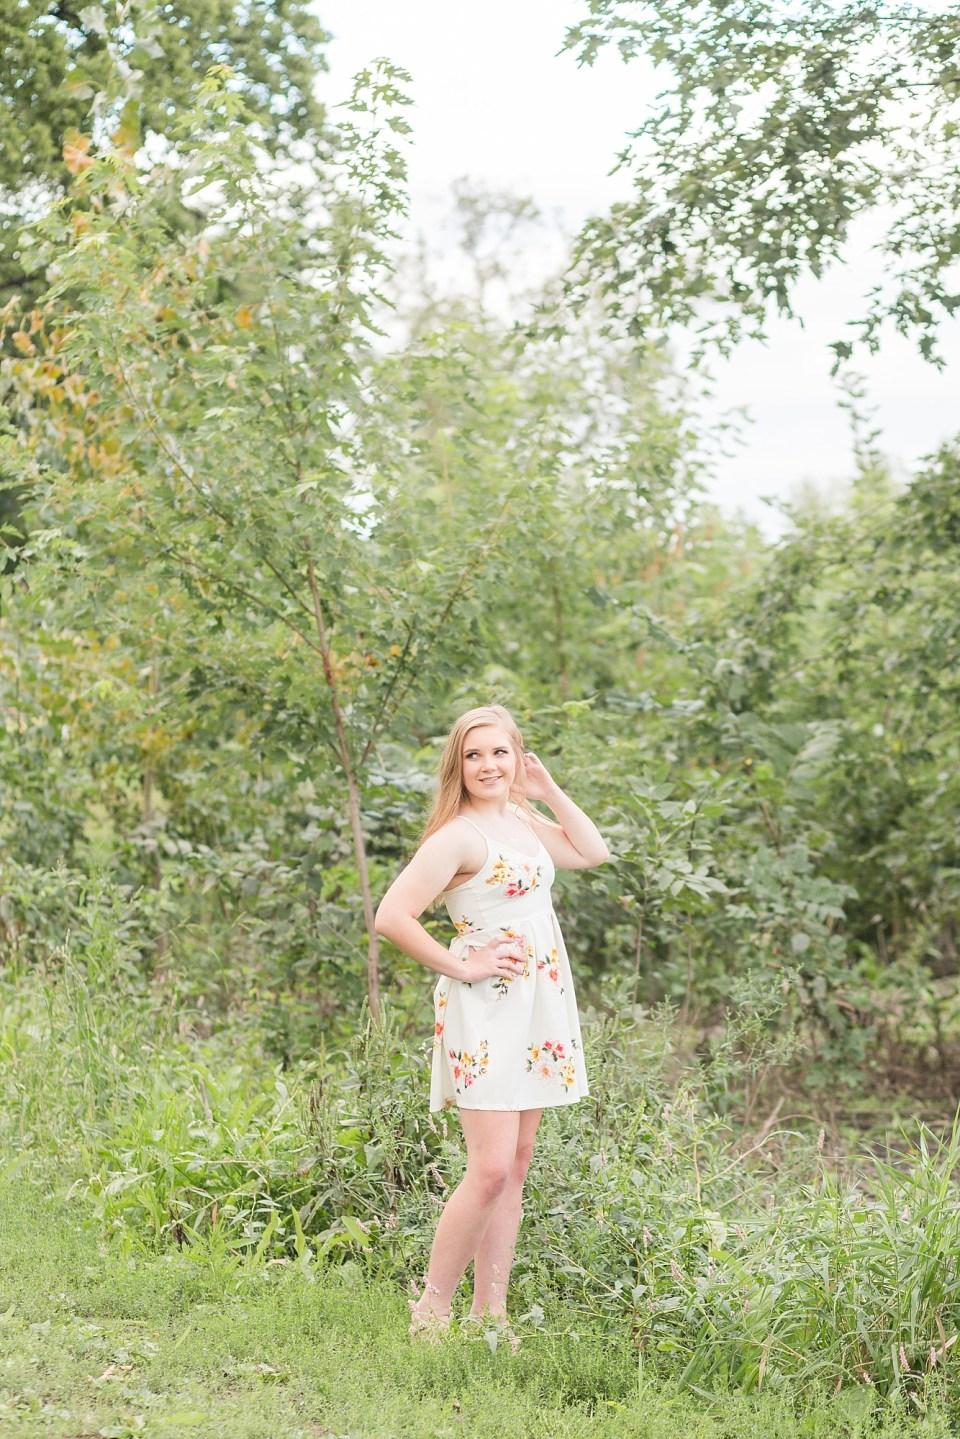 Senior girl looks over her shoulder in tall grass during her Senior Portraits in Fargo